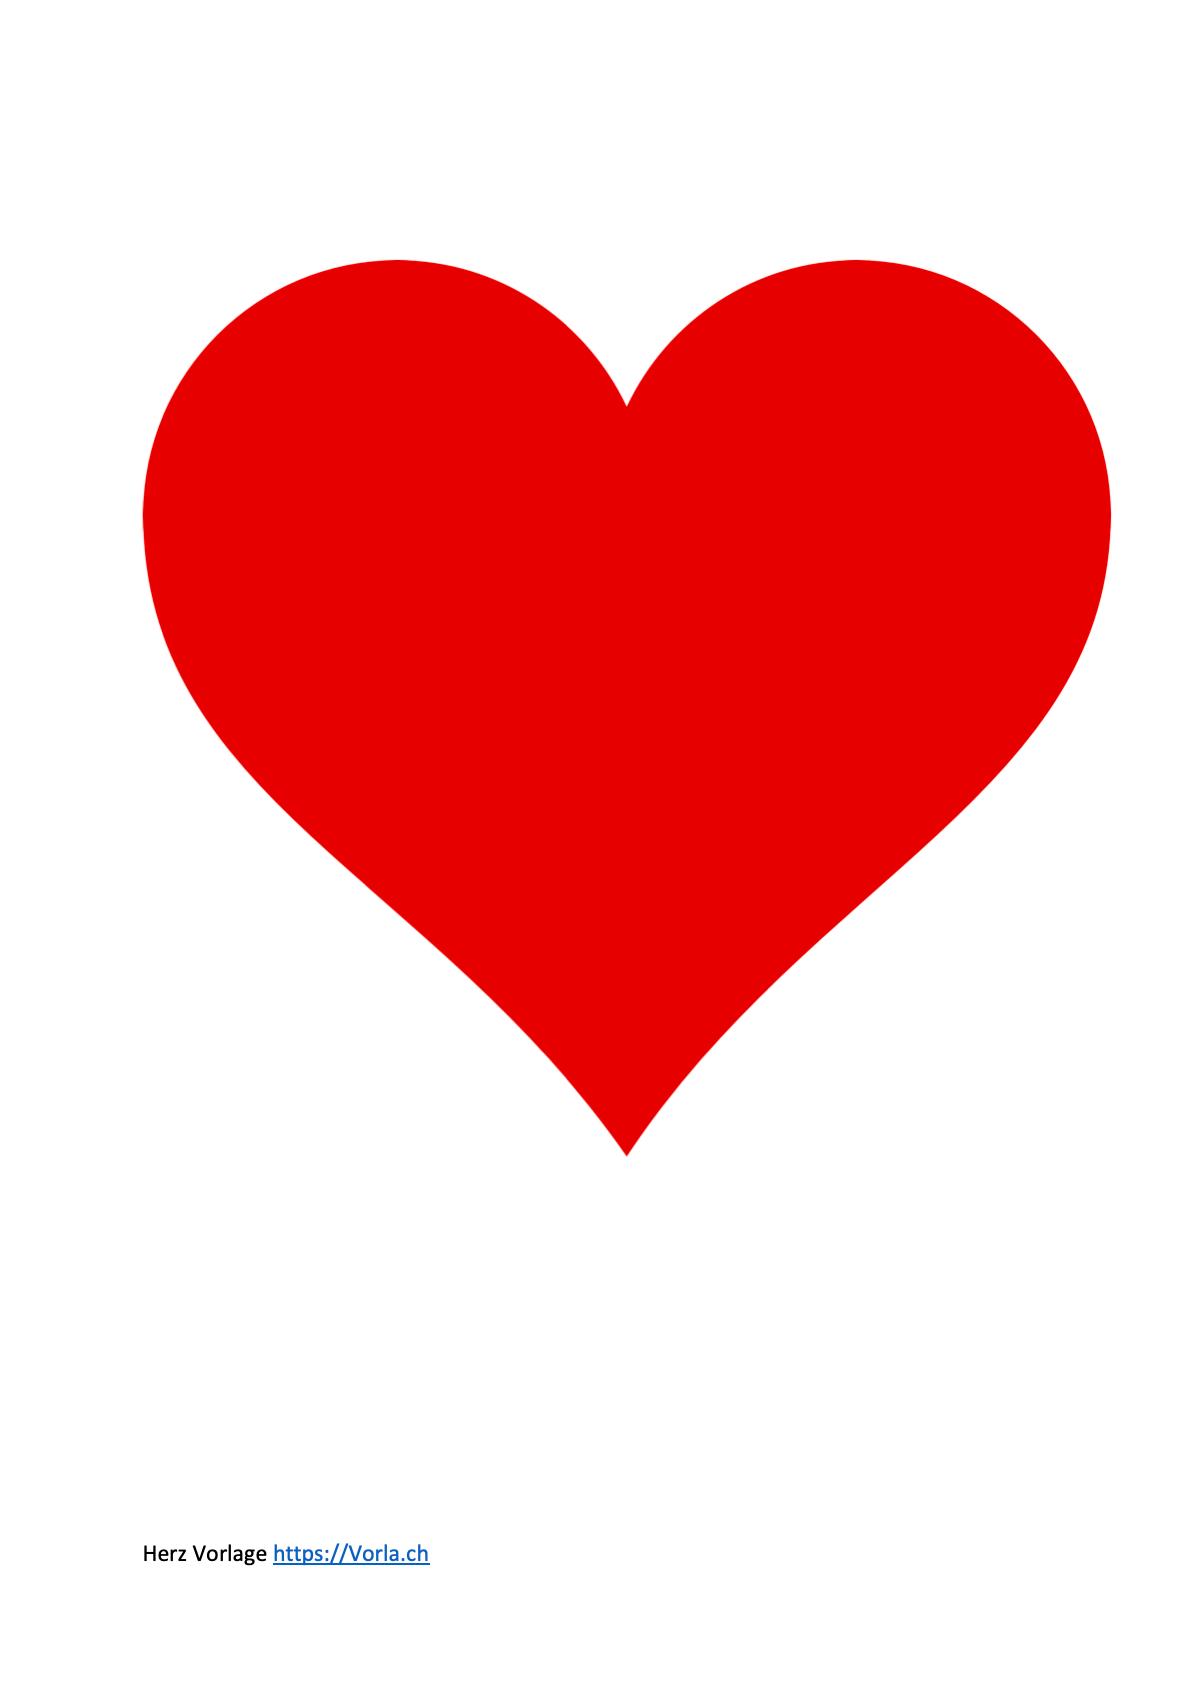 Luxurios Herz Ausdrucken New Herz Vorlage 12